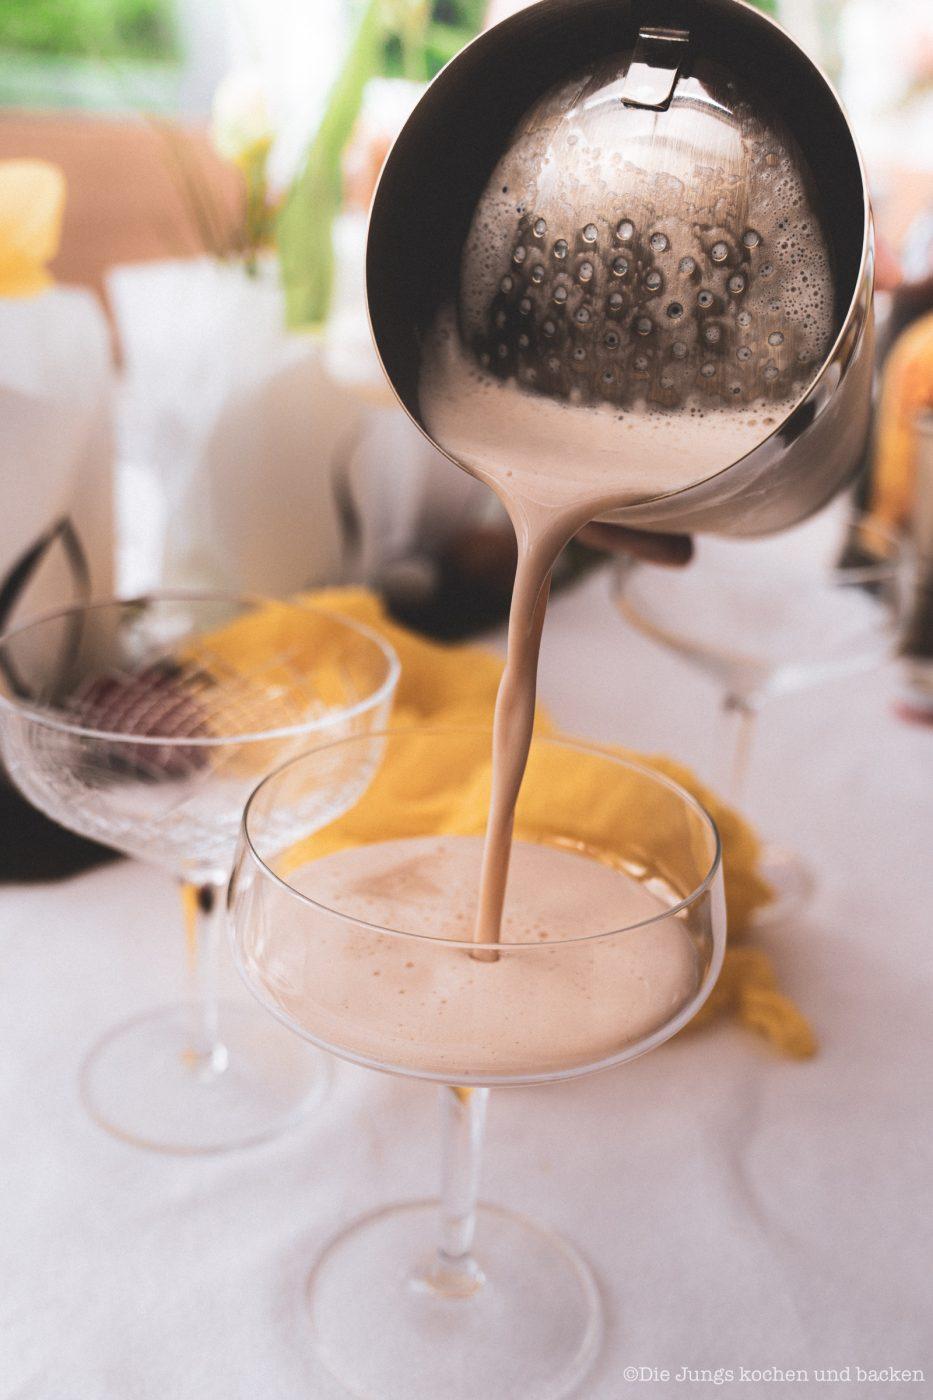 Coffee Eggnog 2 | An Ostern steht der Eierlikör immer hoch im Kurs ... ok, den Rest des Jahres auch. Aber gerade um die Ostertage basteln wir immer an extra vielen Rezepten um unser Lieblingsgetränk. Als wir uns mit Maja, Mika, Theres und Benni zum Osterbrunch verabredet haben, war schon mal schnell klar, dass ich einen Begrüßungsdrink zaubern möchte! So ein Osterbrunch kann ja auch gerne mal mit einem Cocktail starten - ist ja ein Feiertag! Unser Coffee Eggnog war der perfekte Begrüßungsdrink zum Food.Blog.Friends Osterbrunch - außerdem zählt er zu den nicht mehr so bekannten Eggnog Cocktails.